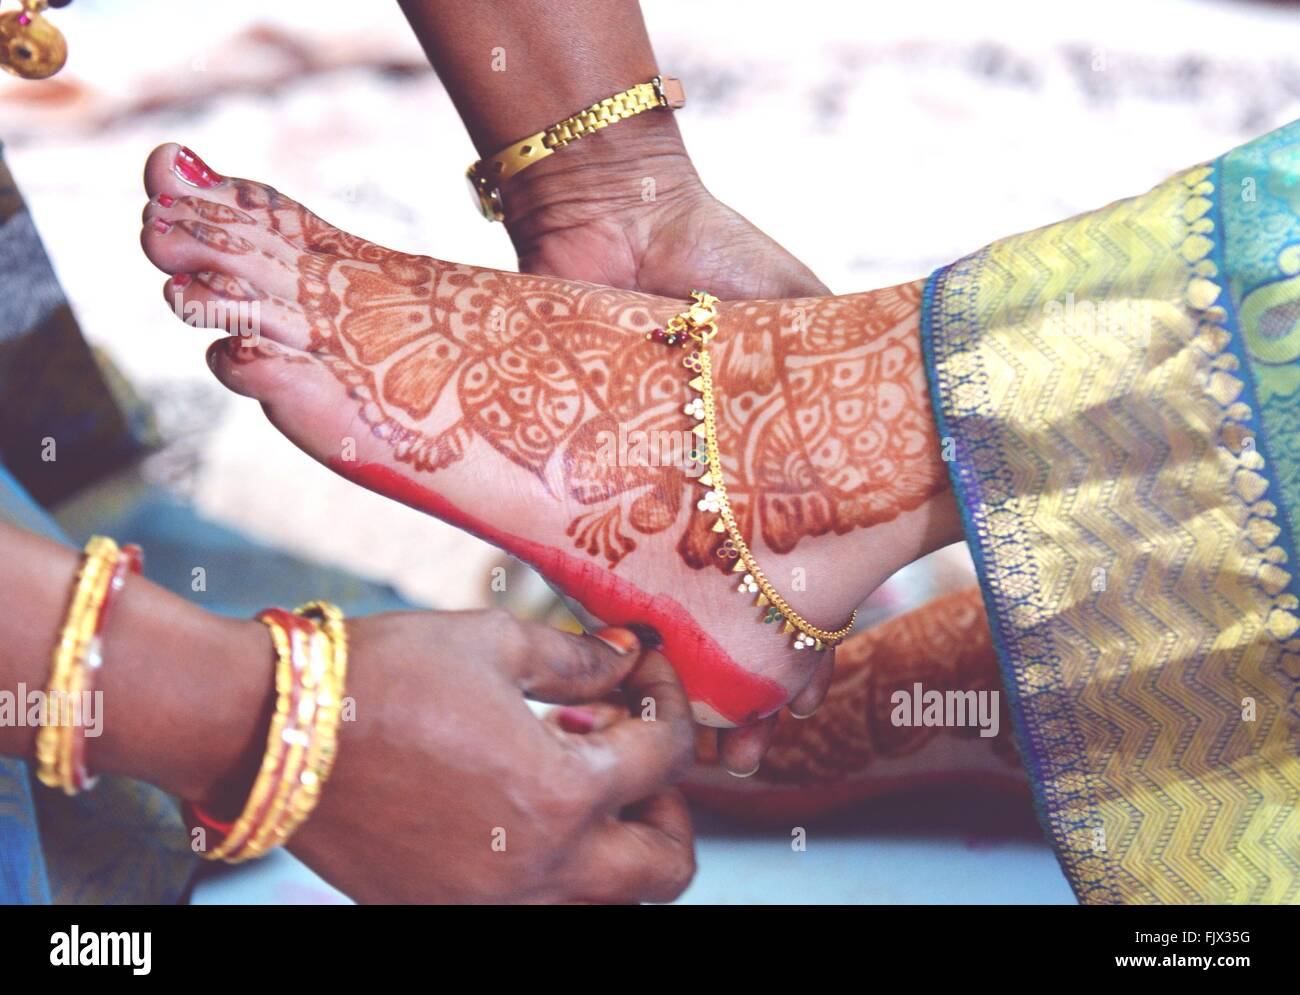 Immagine ritagliata della donna l'applicazione di alta colorante sul piede della sposa Immagini Stock